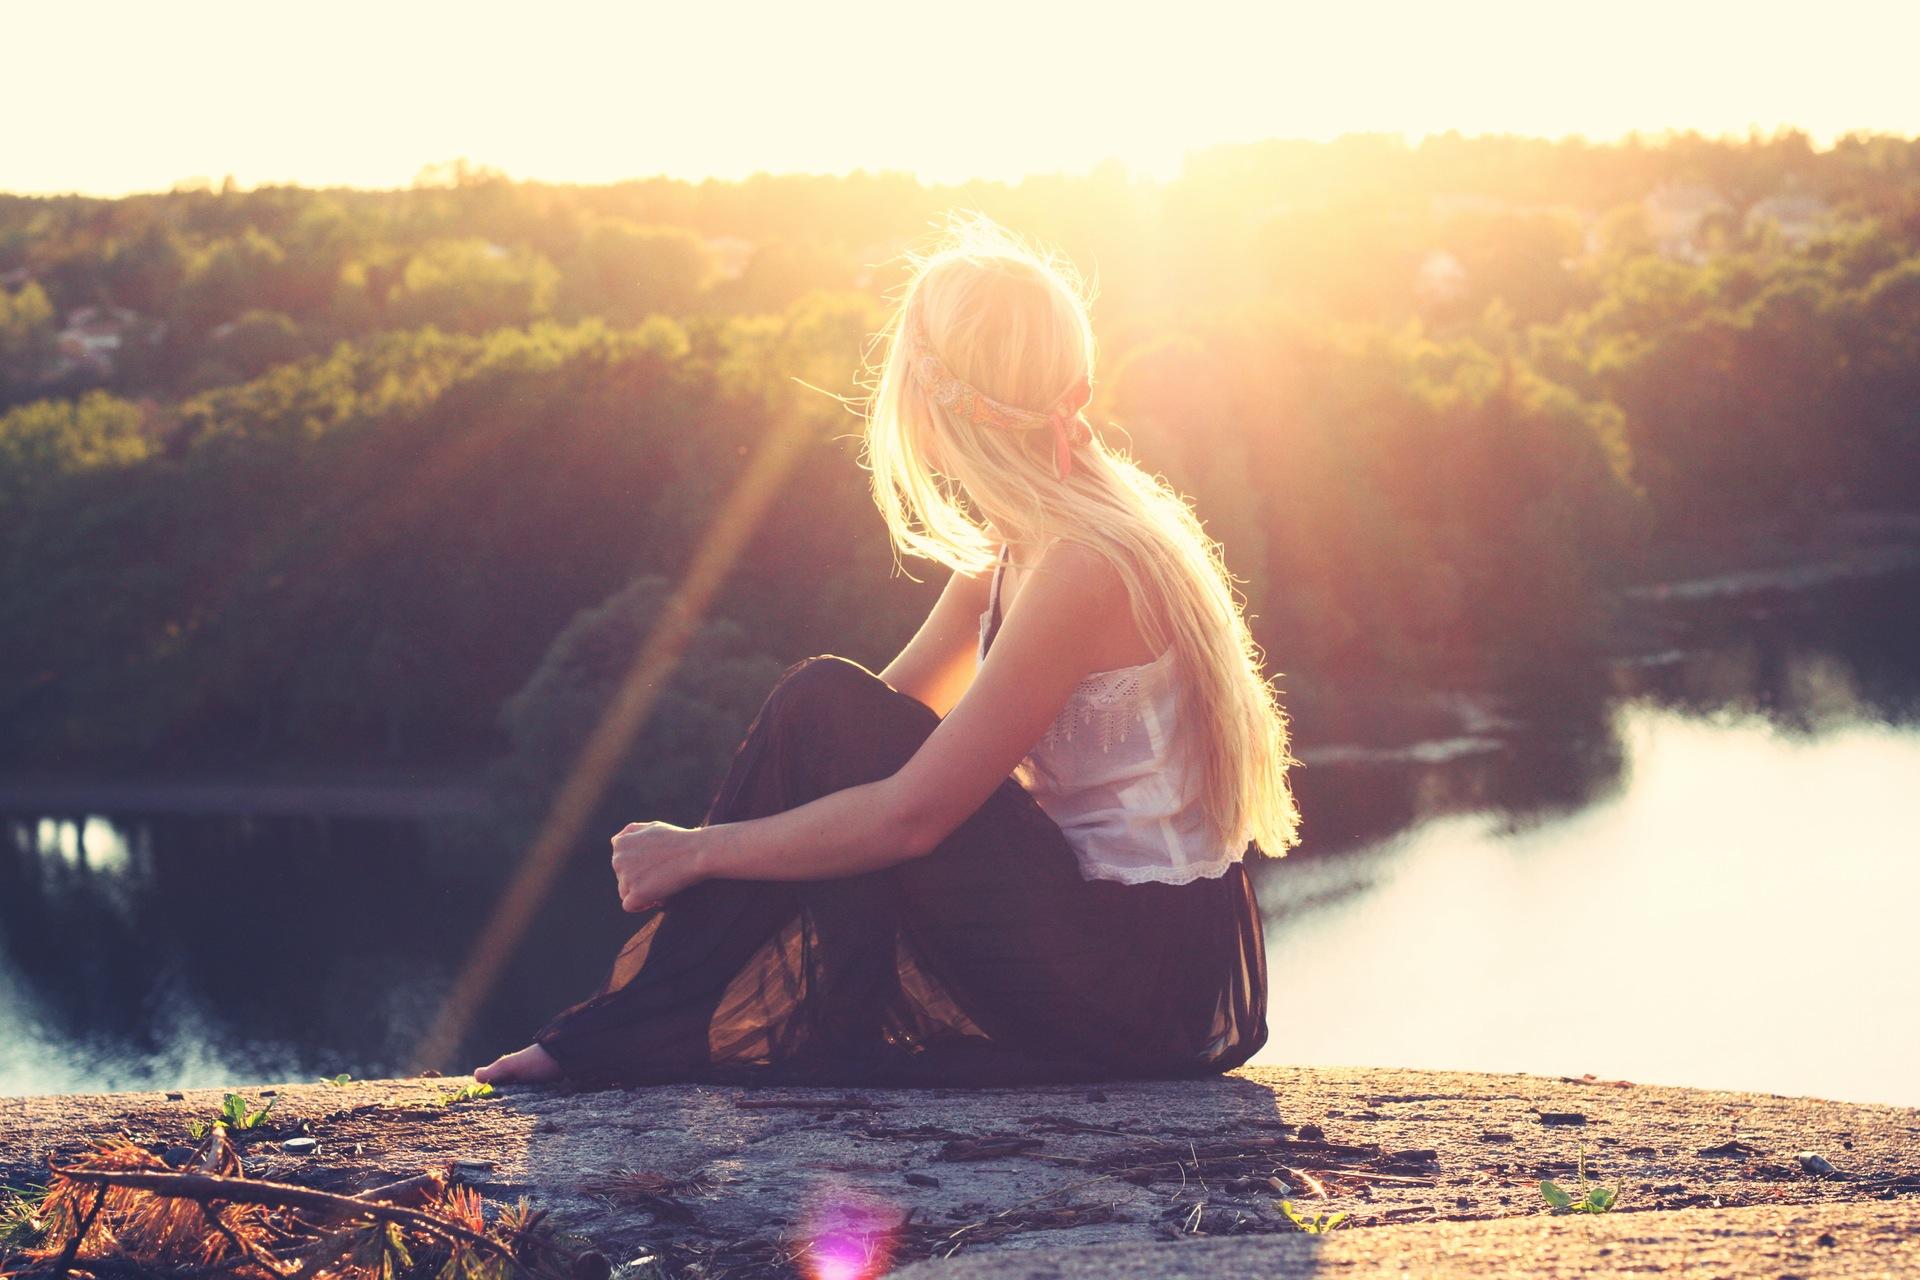 Наборы, женщина, блондинка, Река, Солнце, случайные - Обои HD - Профессор falken.com